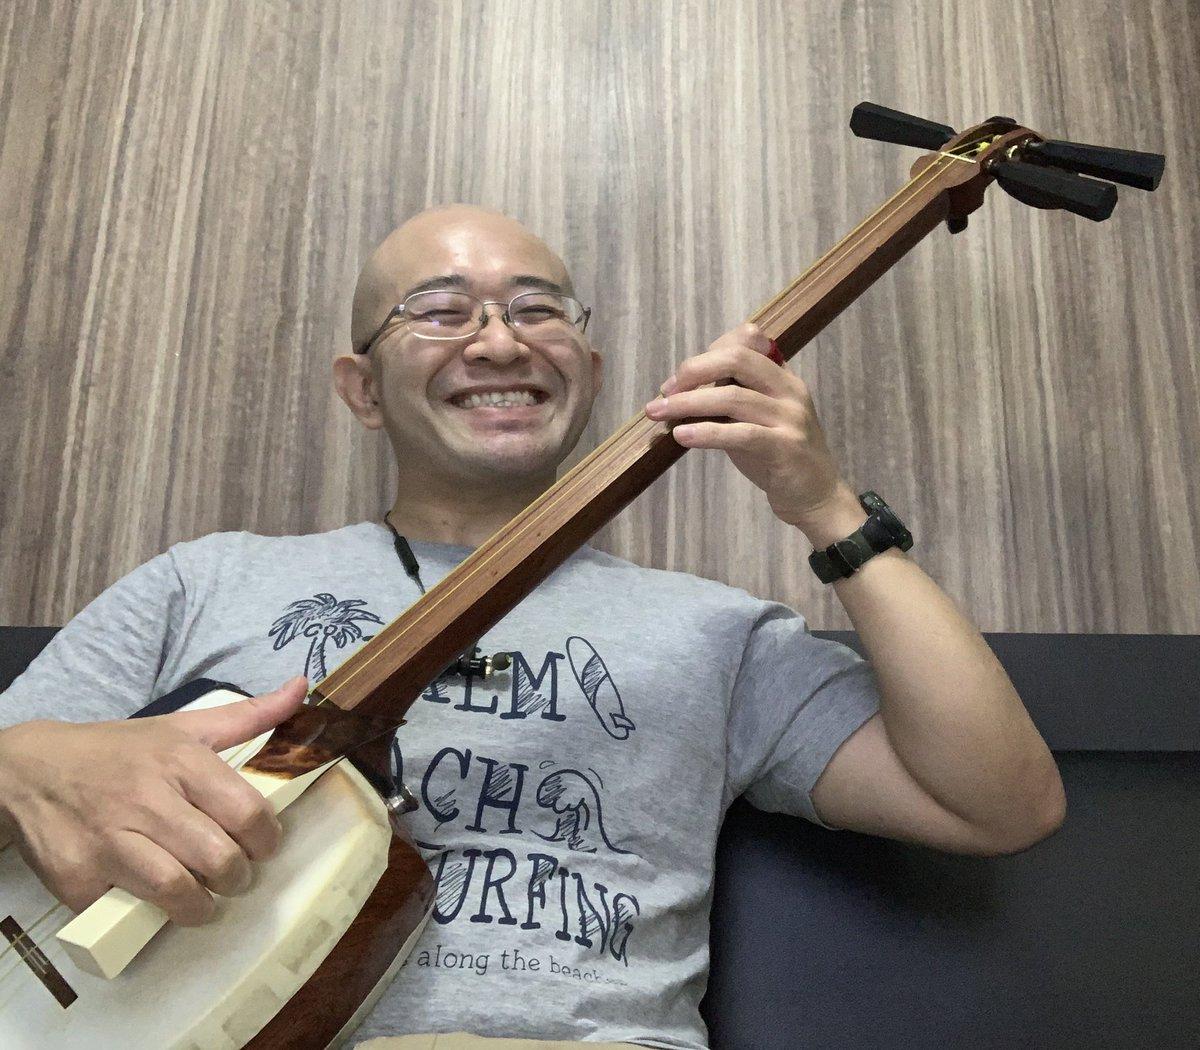 週明けに #津軽三味線 で #レコーディング。ブルガリアの作曲家とネットで繋いで渋谷で録るそうです。すごい時代だねぇ。  曲、めっちゃ難しい。なんで向こうの人って微分音が好きなんだろう?ごっつい変拍子とかが、この曲には出てこないだけマシか。 #三味線 #音楽 #ミュージシャン https://t.co/a71iRMul0U